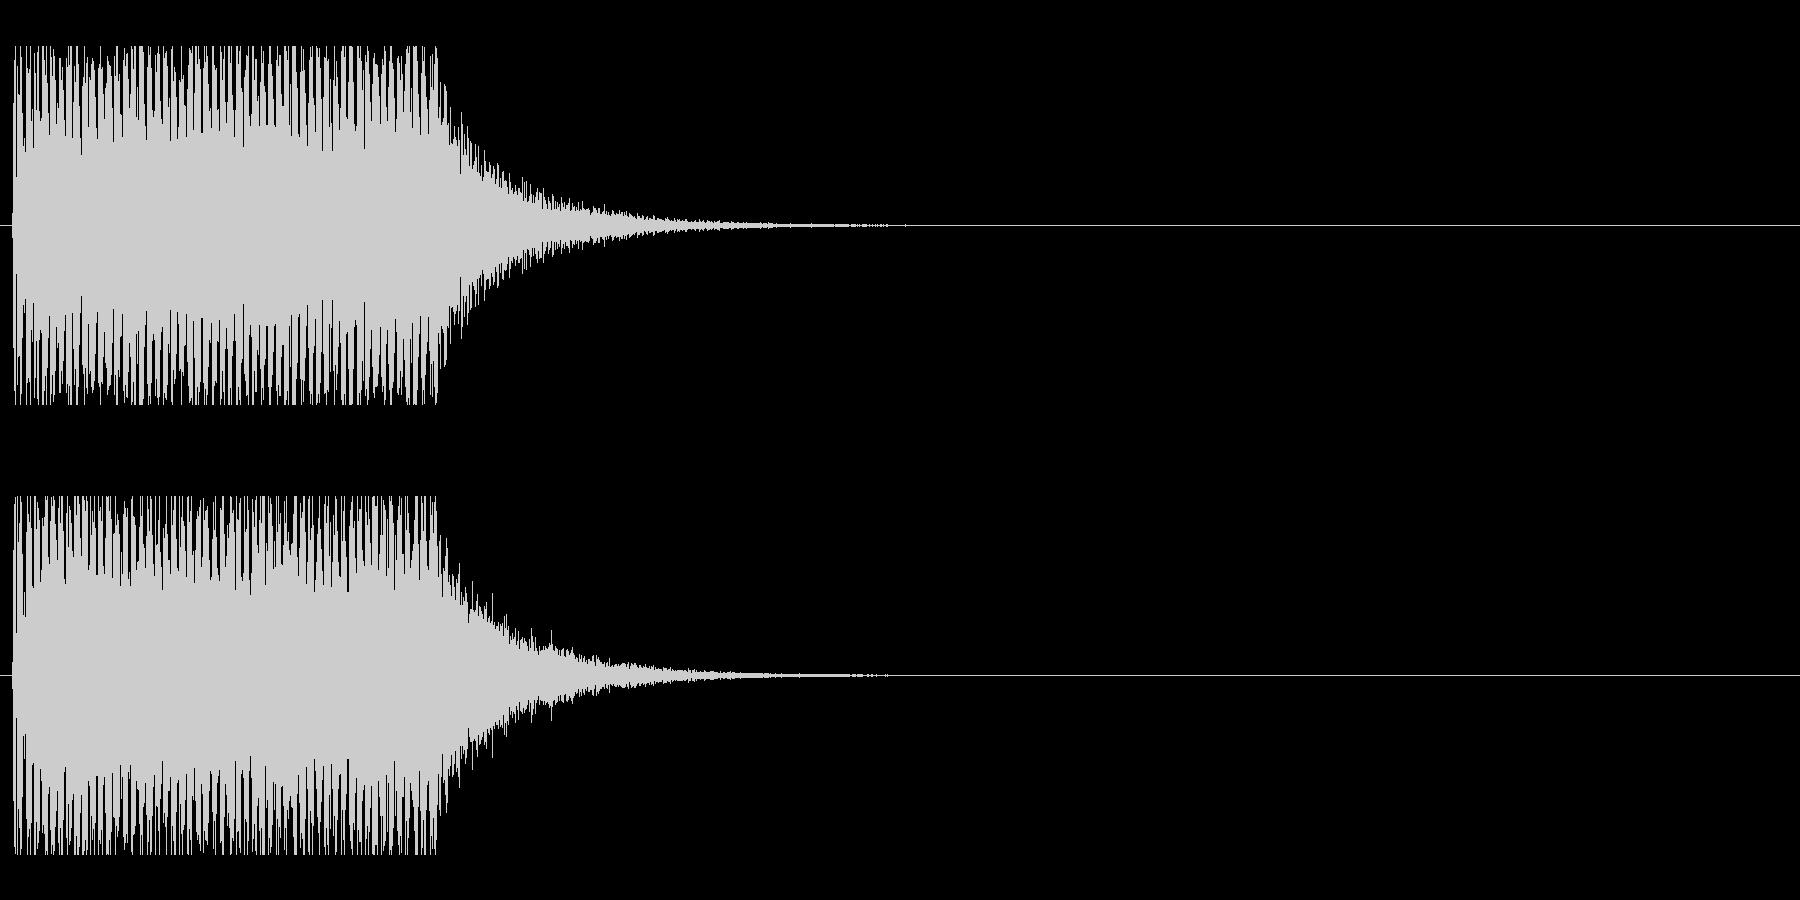 レーザー音-153-1の未再生の波形